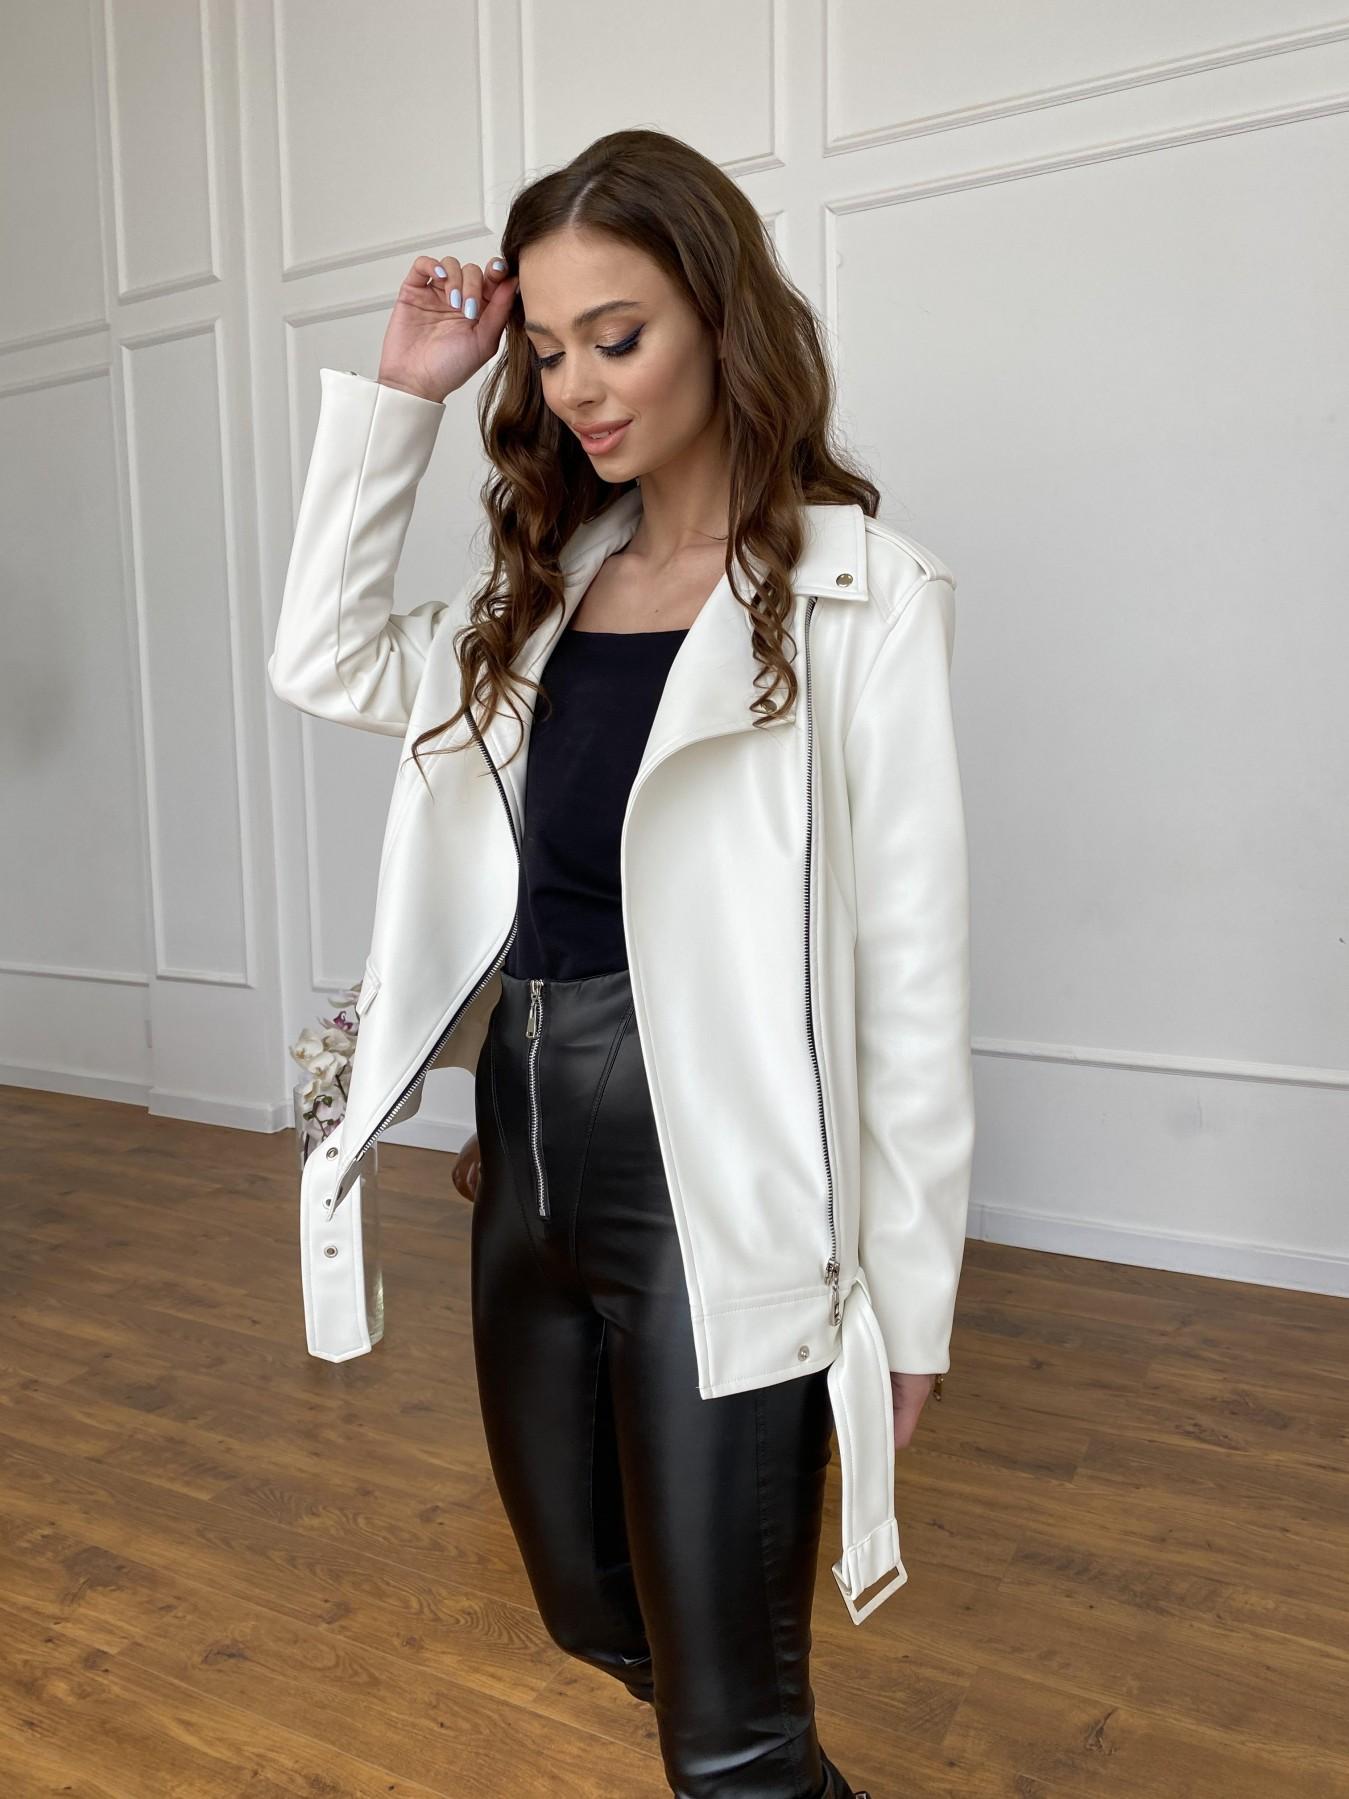 Босс куртка из экокожи прокатанной  11173 АРТ. 47683 Цвет: Молоко - фото 8, интернет магазин tm-modus.ru